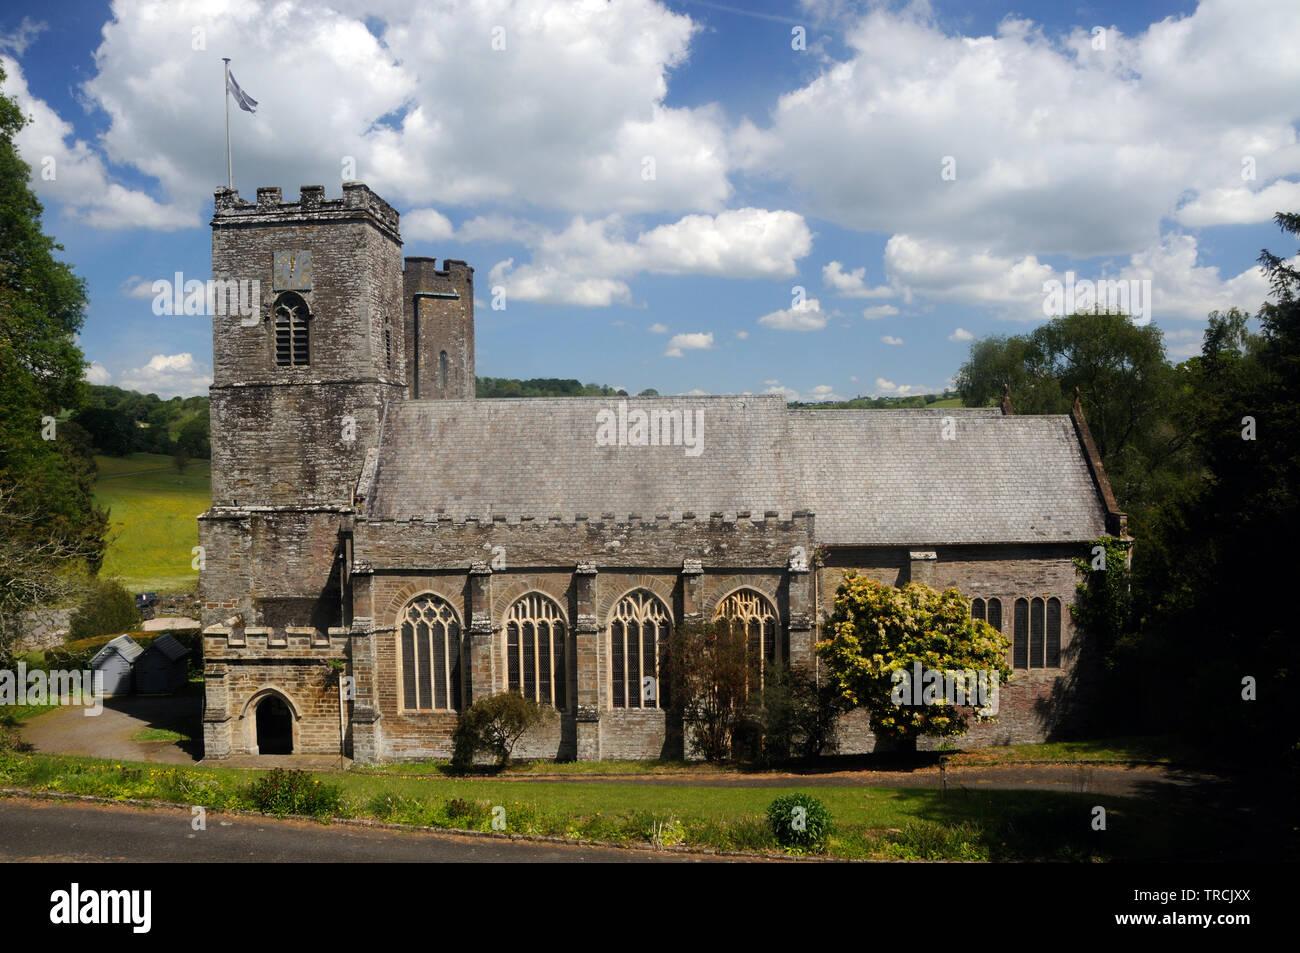 Die Klosterkirche von St. Gerrmanus, in St. Germans, Cornwall, England Stockbild